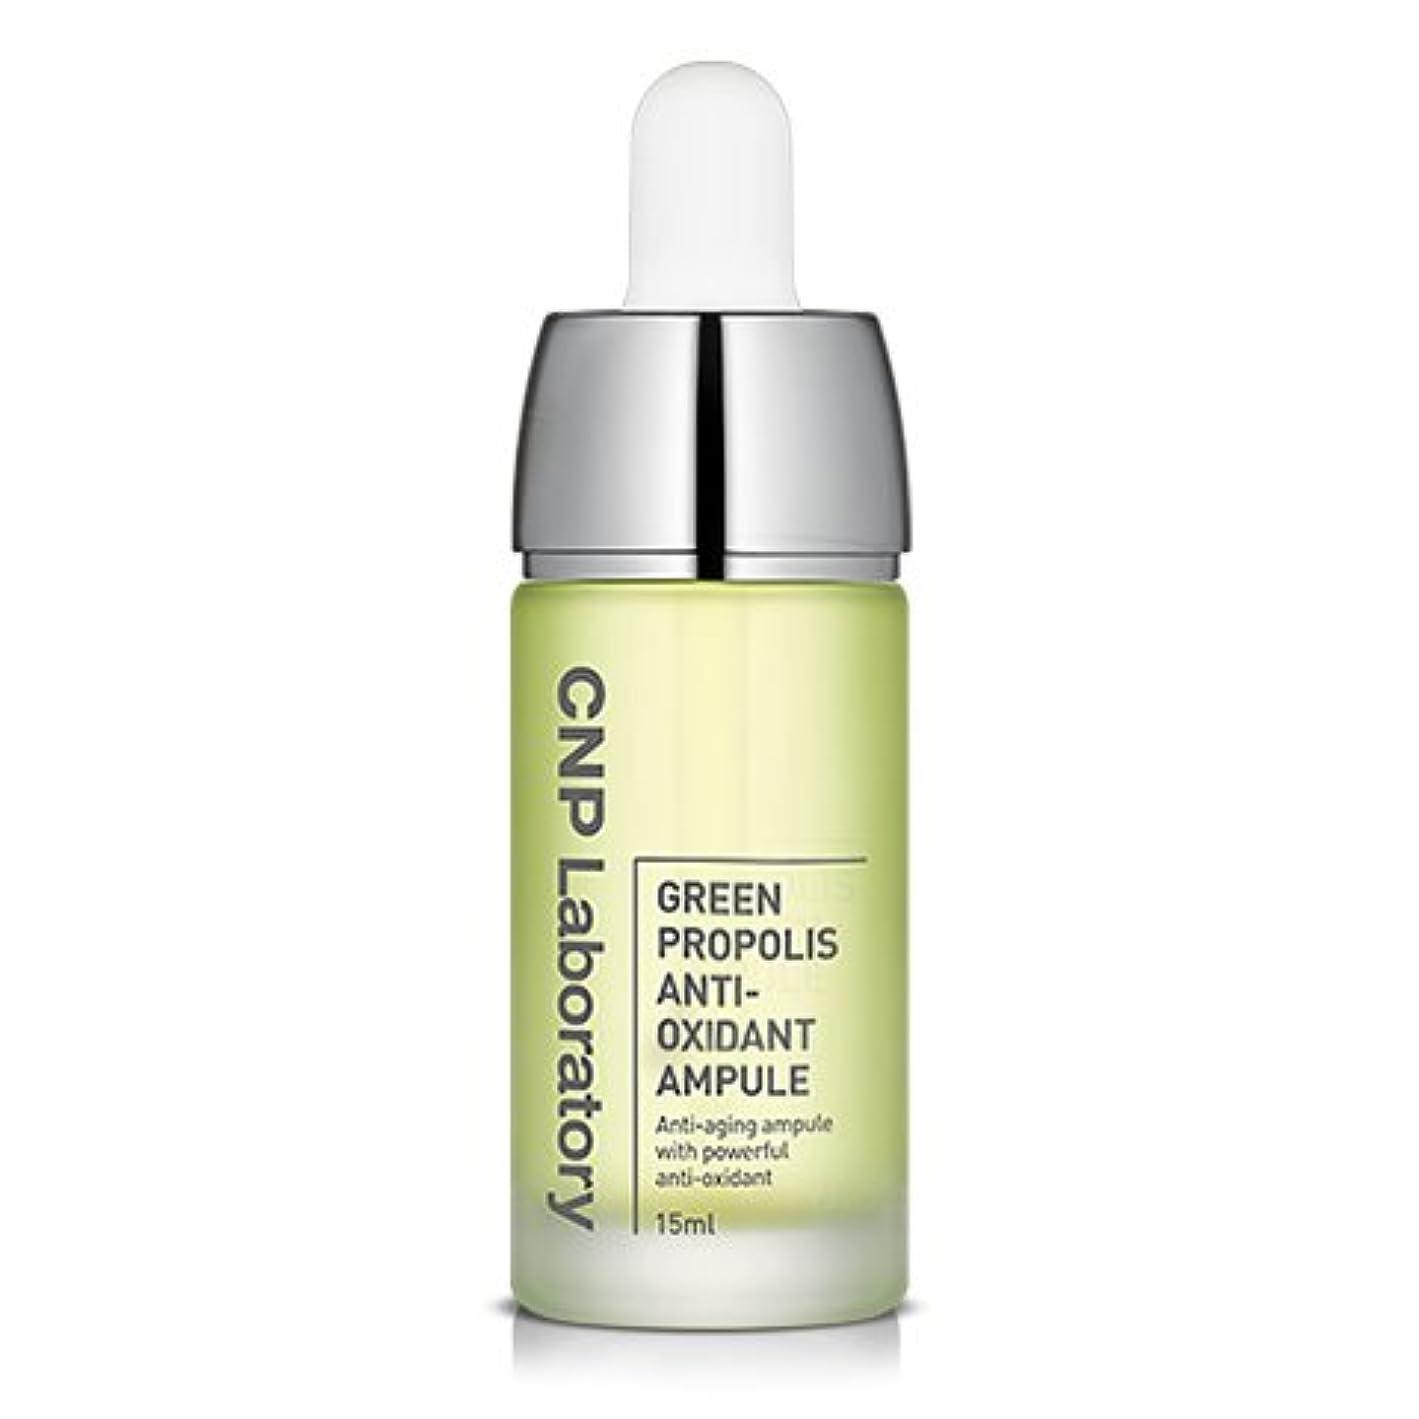 ルーキースーツヘビーCNP Laboratory グリーンプロポリス酸化防止剤アンプル/Green Propolis Anti-Oxidant Ampule 15ml [並行輸入品]